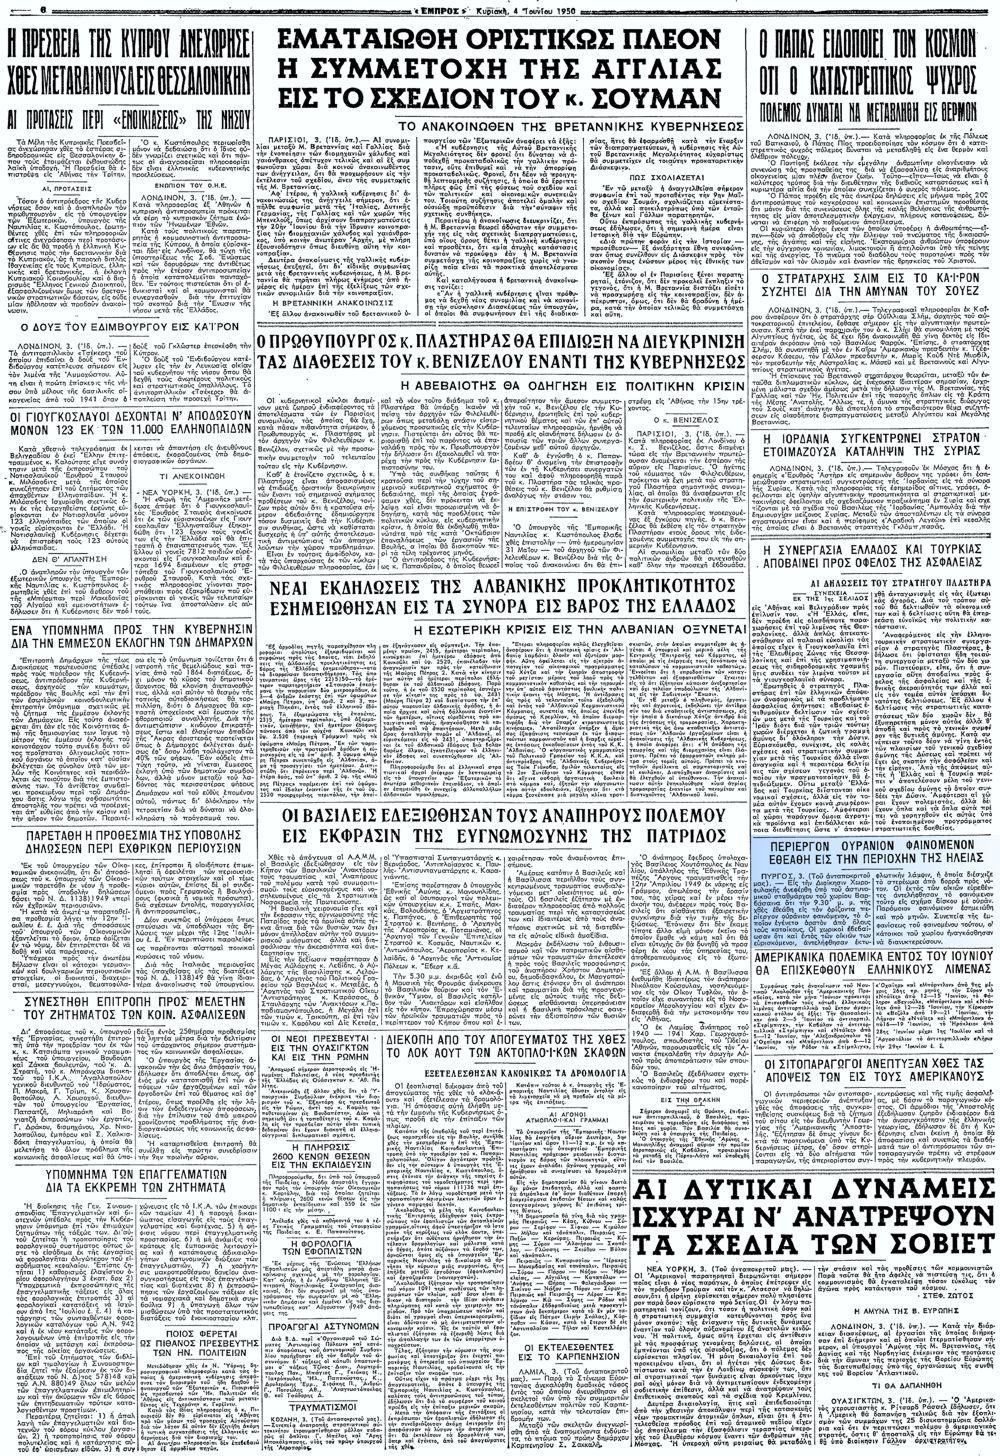 """Το άρθρο, όπως δημοσιεύθηκε στην εφημερίδα """"ΕΜΠΡΟΣ"""", στις 04/06/1950"""